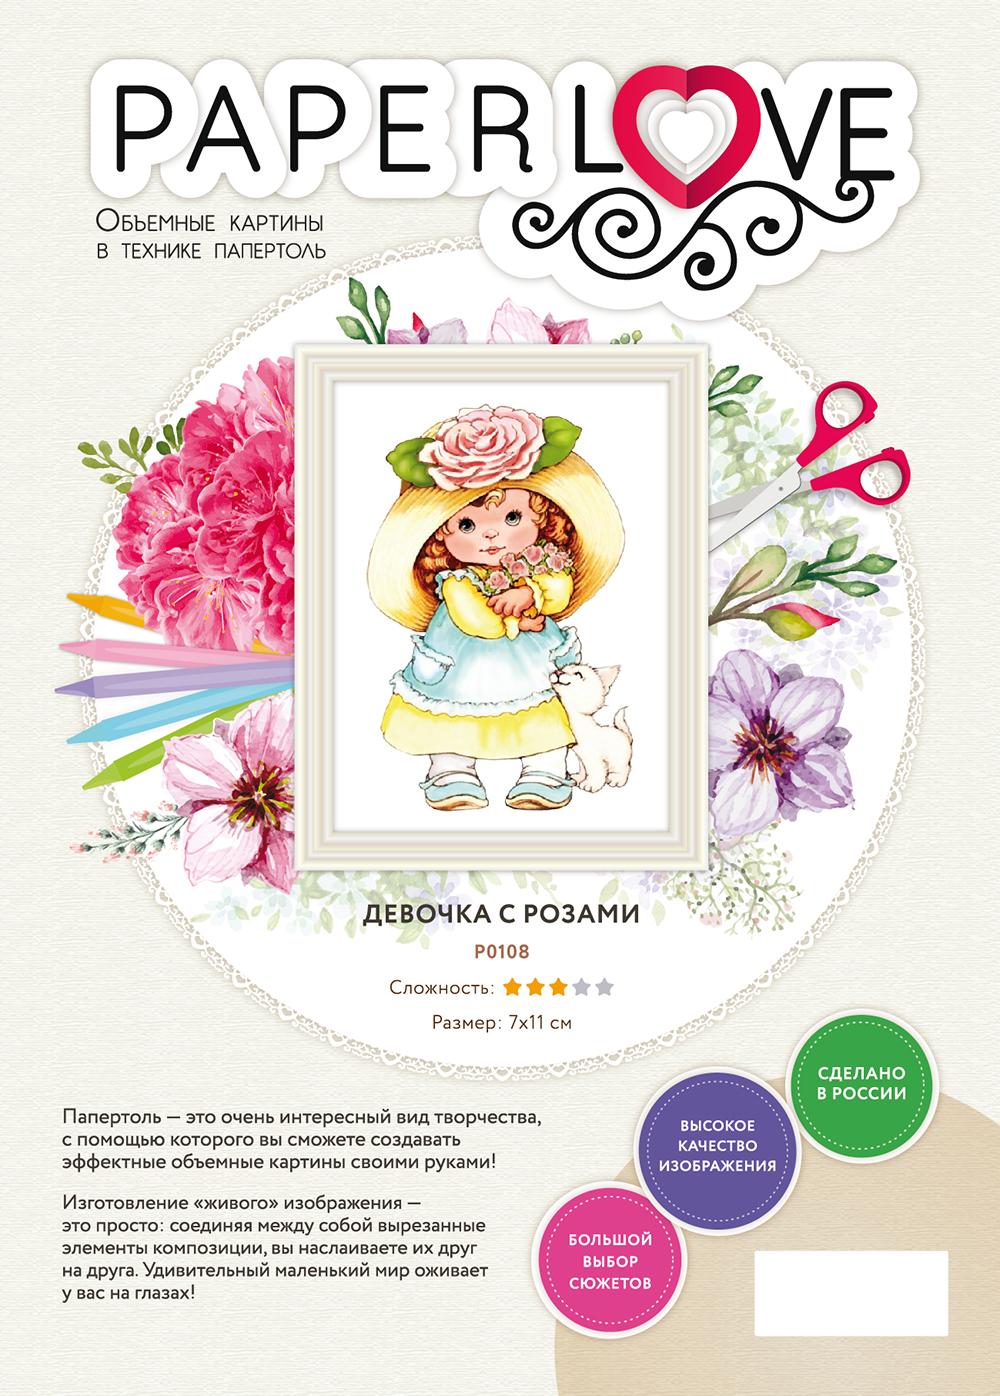 Папертоль Девочка с розами — фотография обложки.